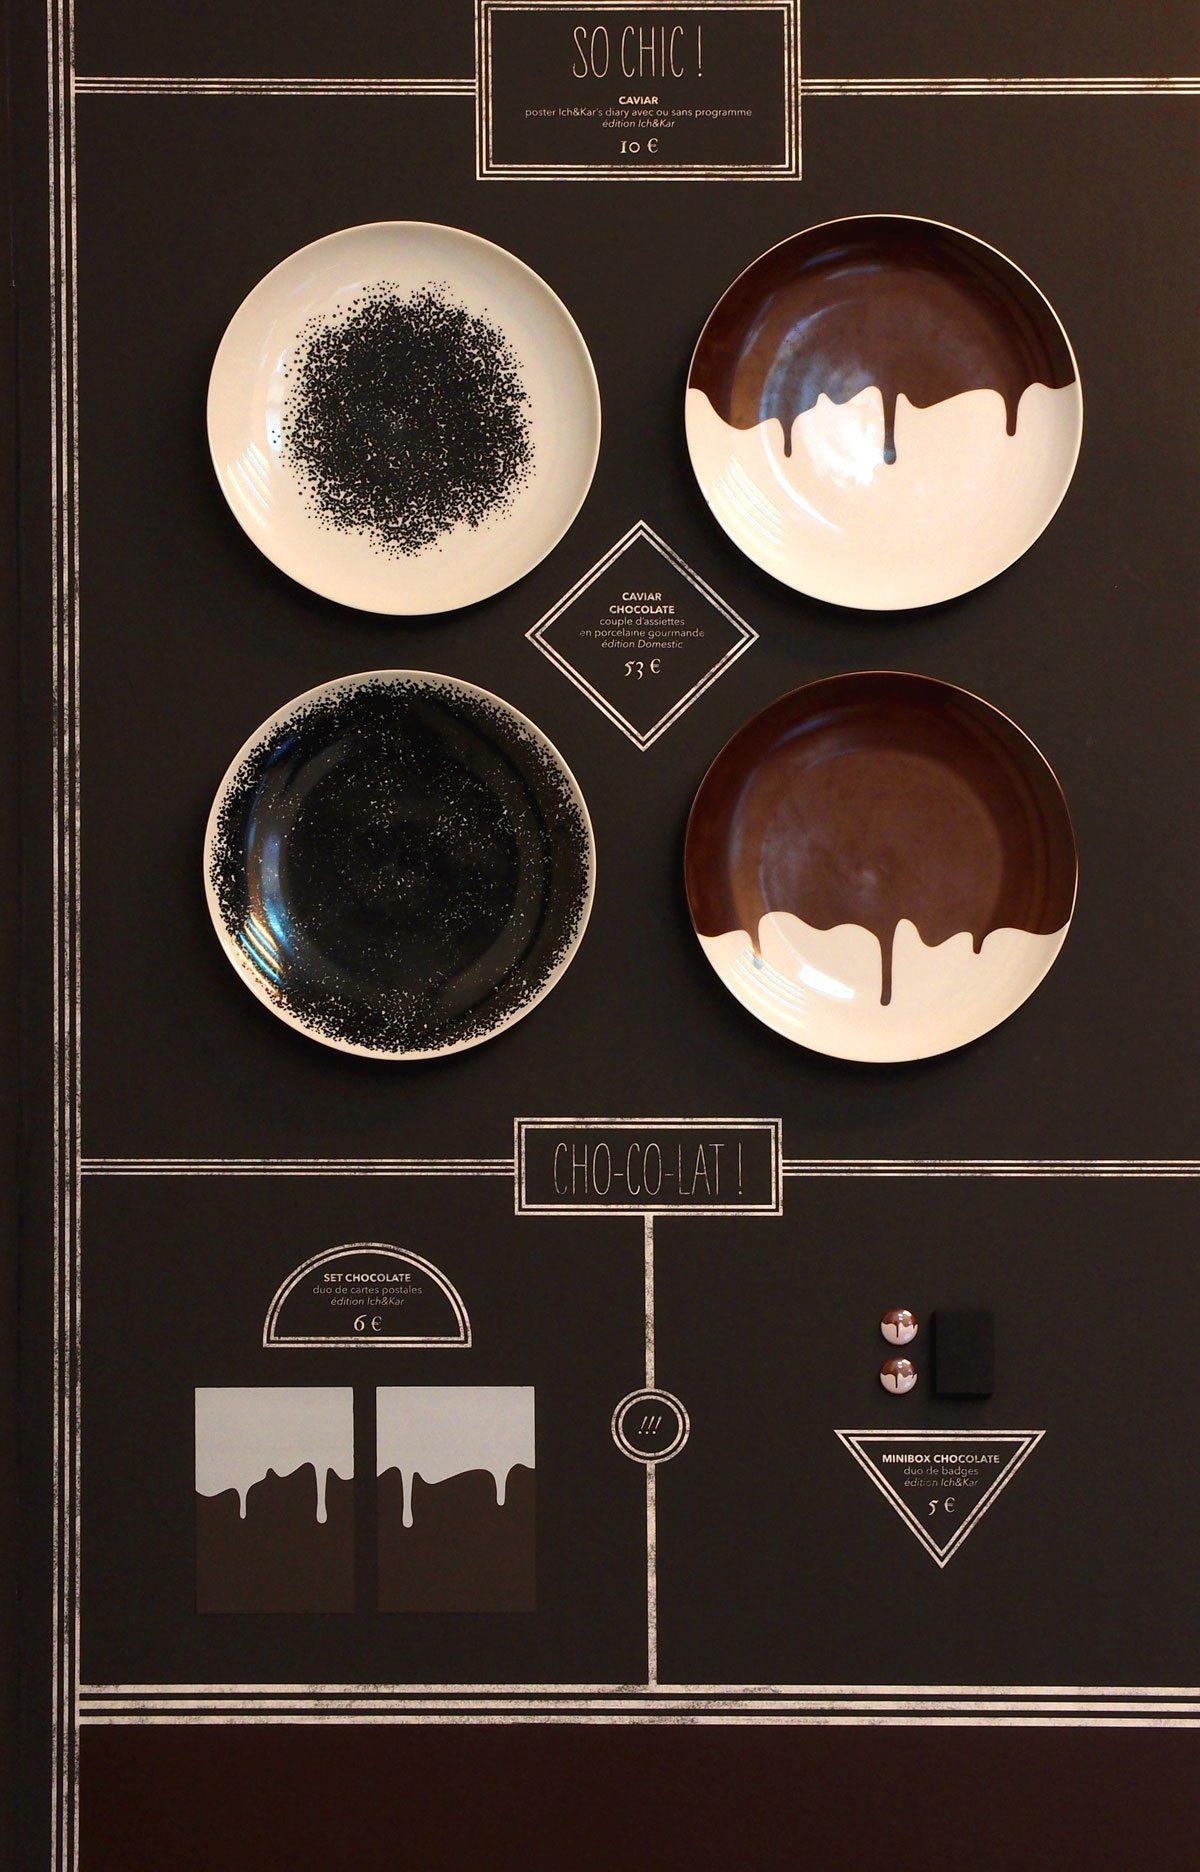 Les assiettes caviar et chocolate accrochées au mur dans la galerie SometineStudio, scénographie IchetKar